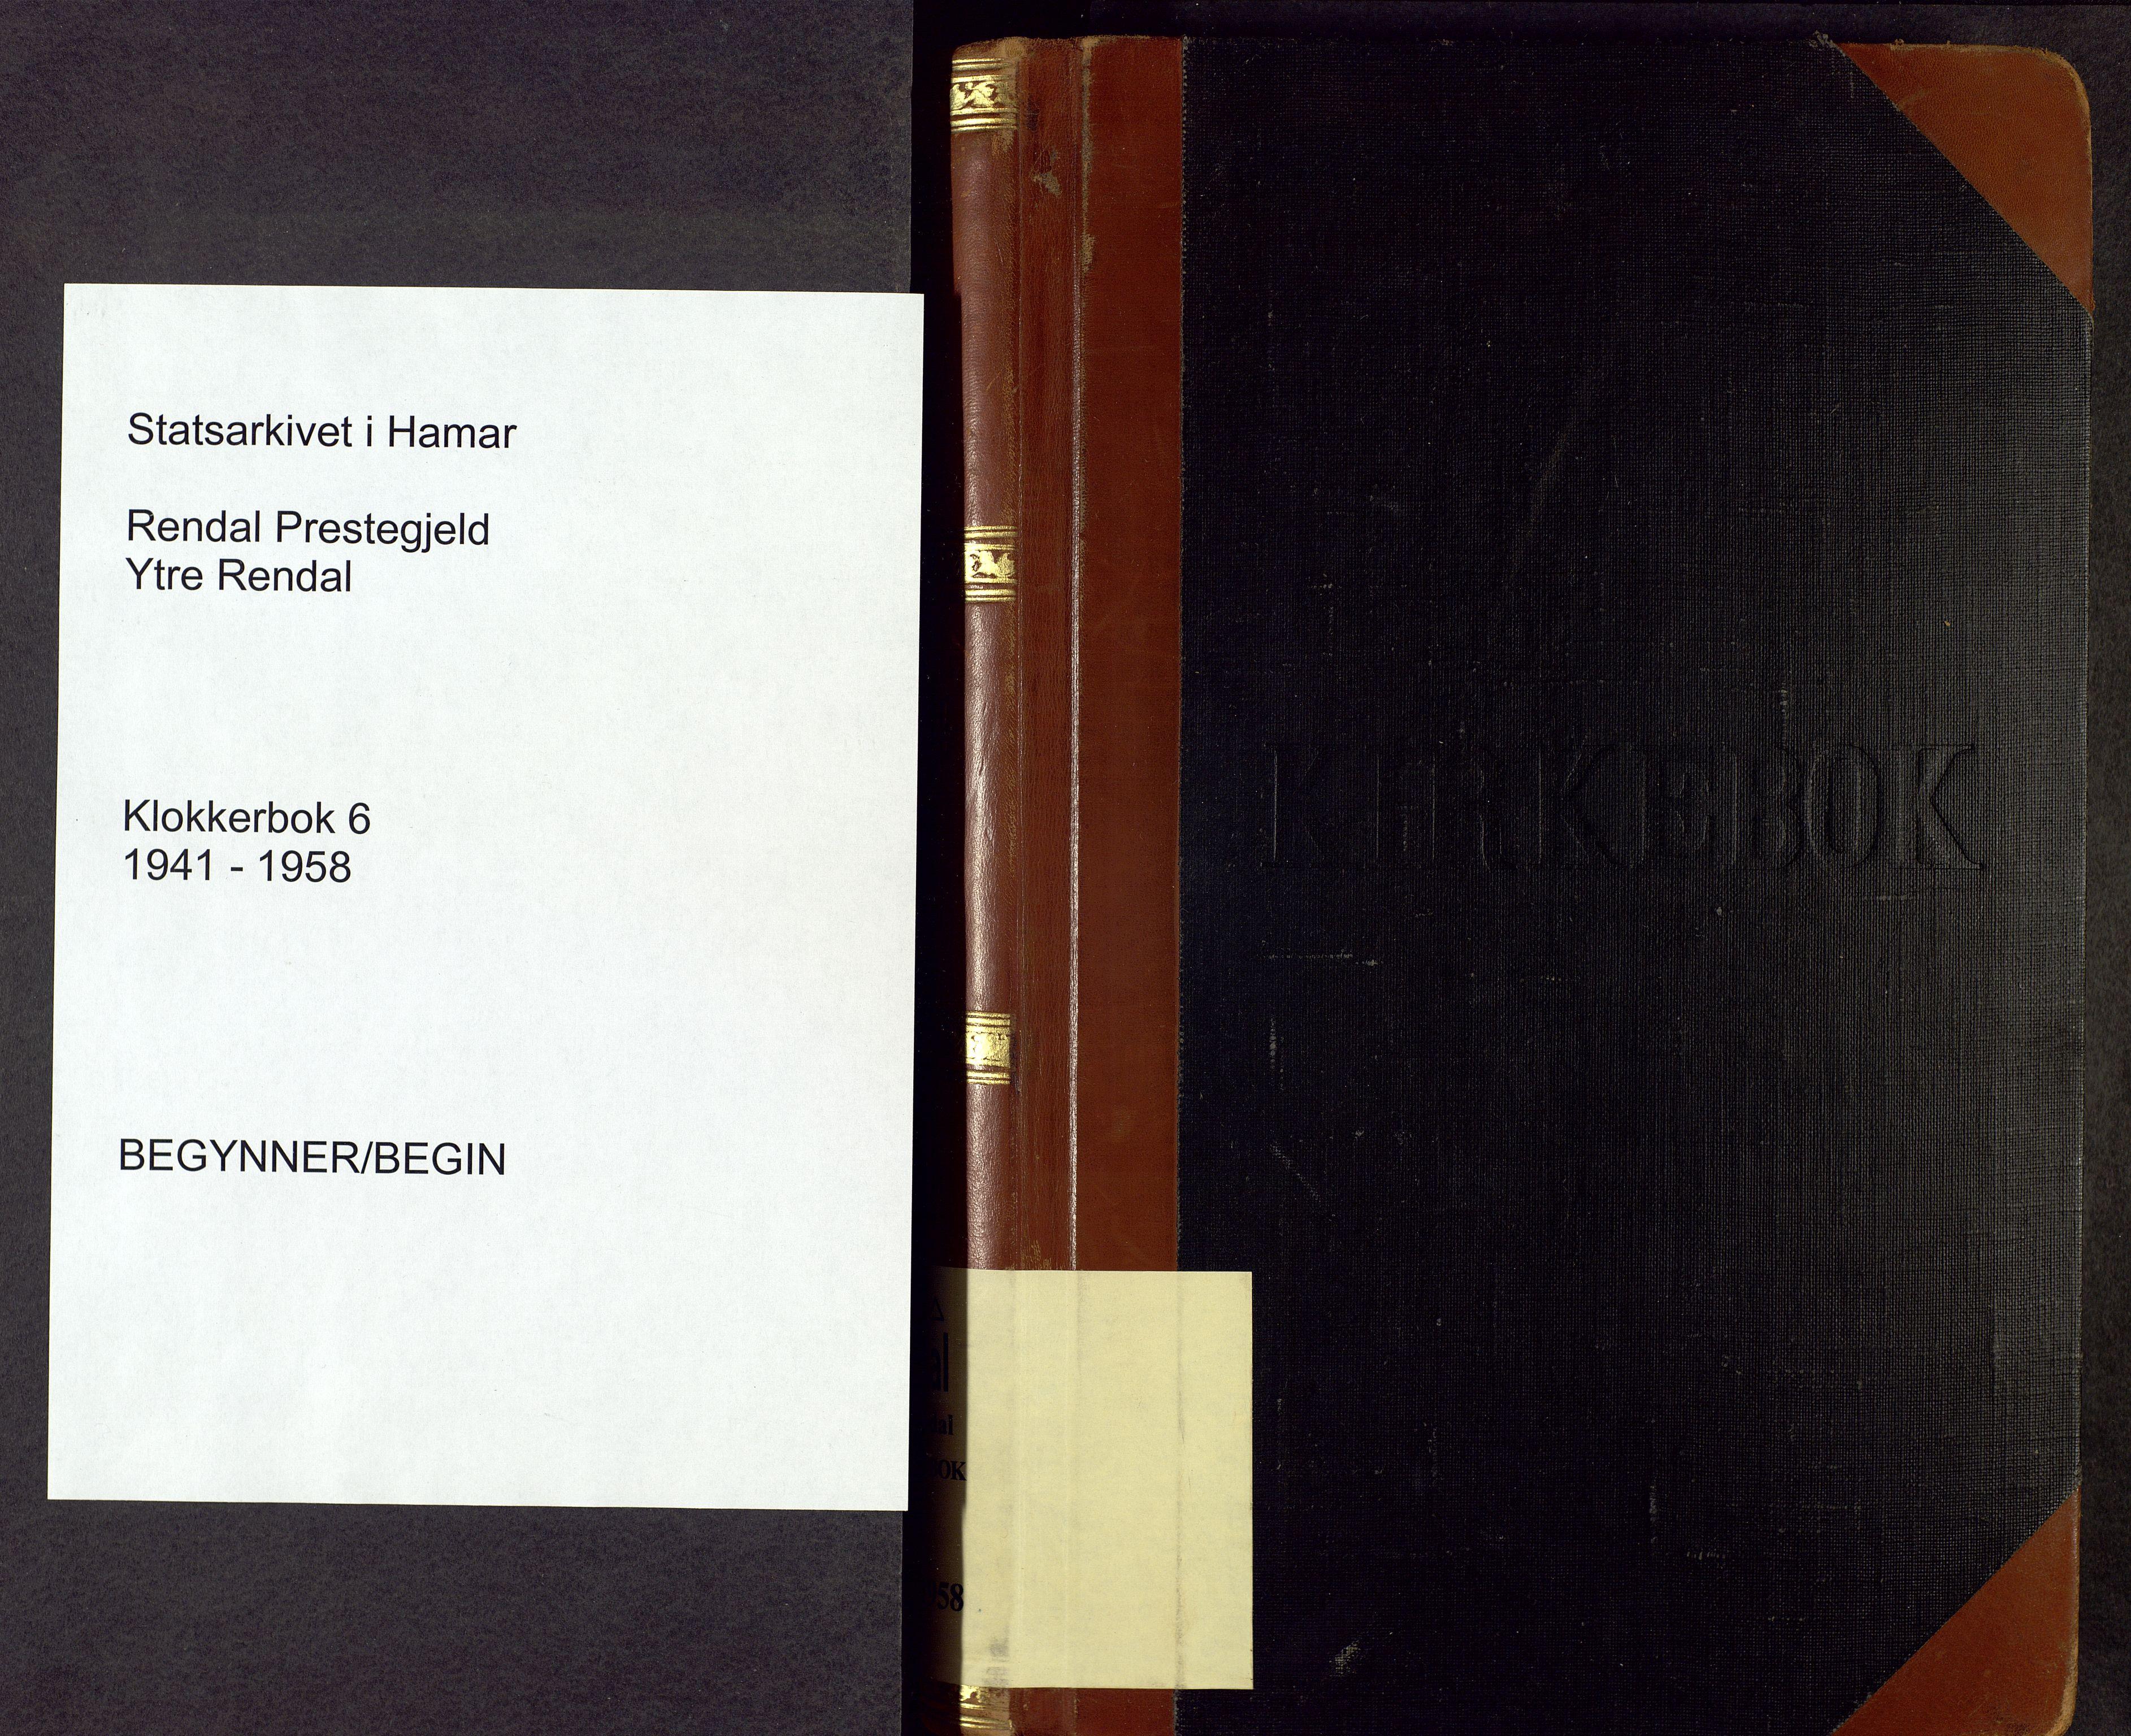 SAH, Rendalen prestekontor, H/Ha/Hab/L0006: Klokkerbok nr. 6, 1941-1958